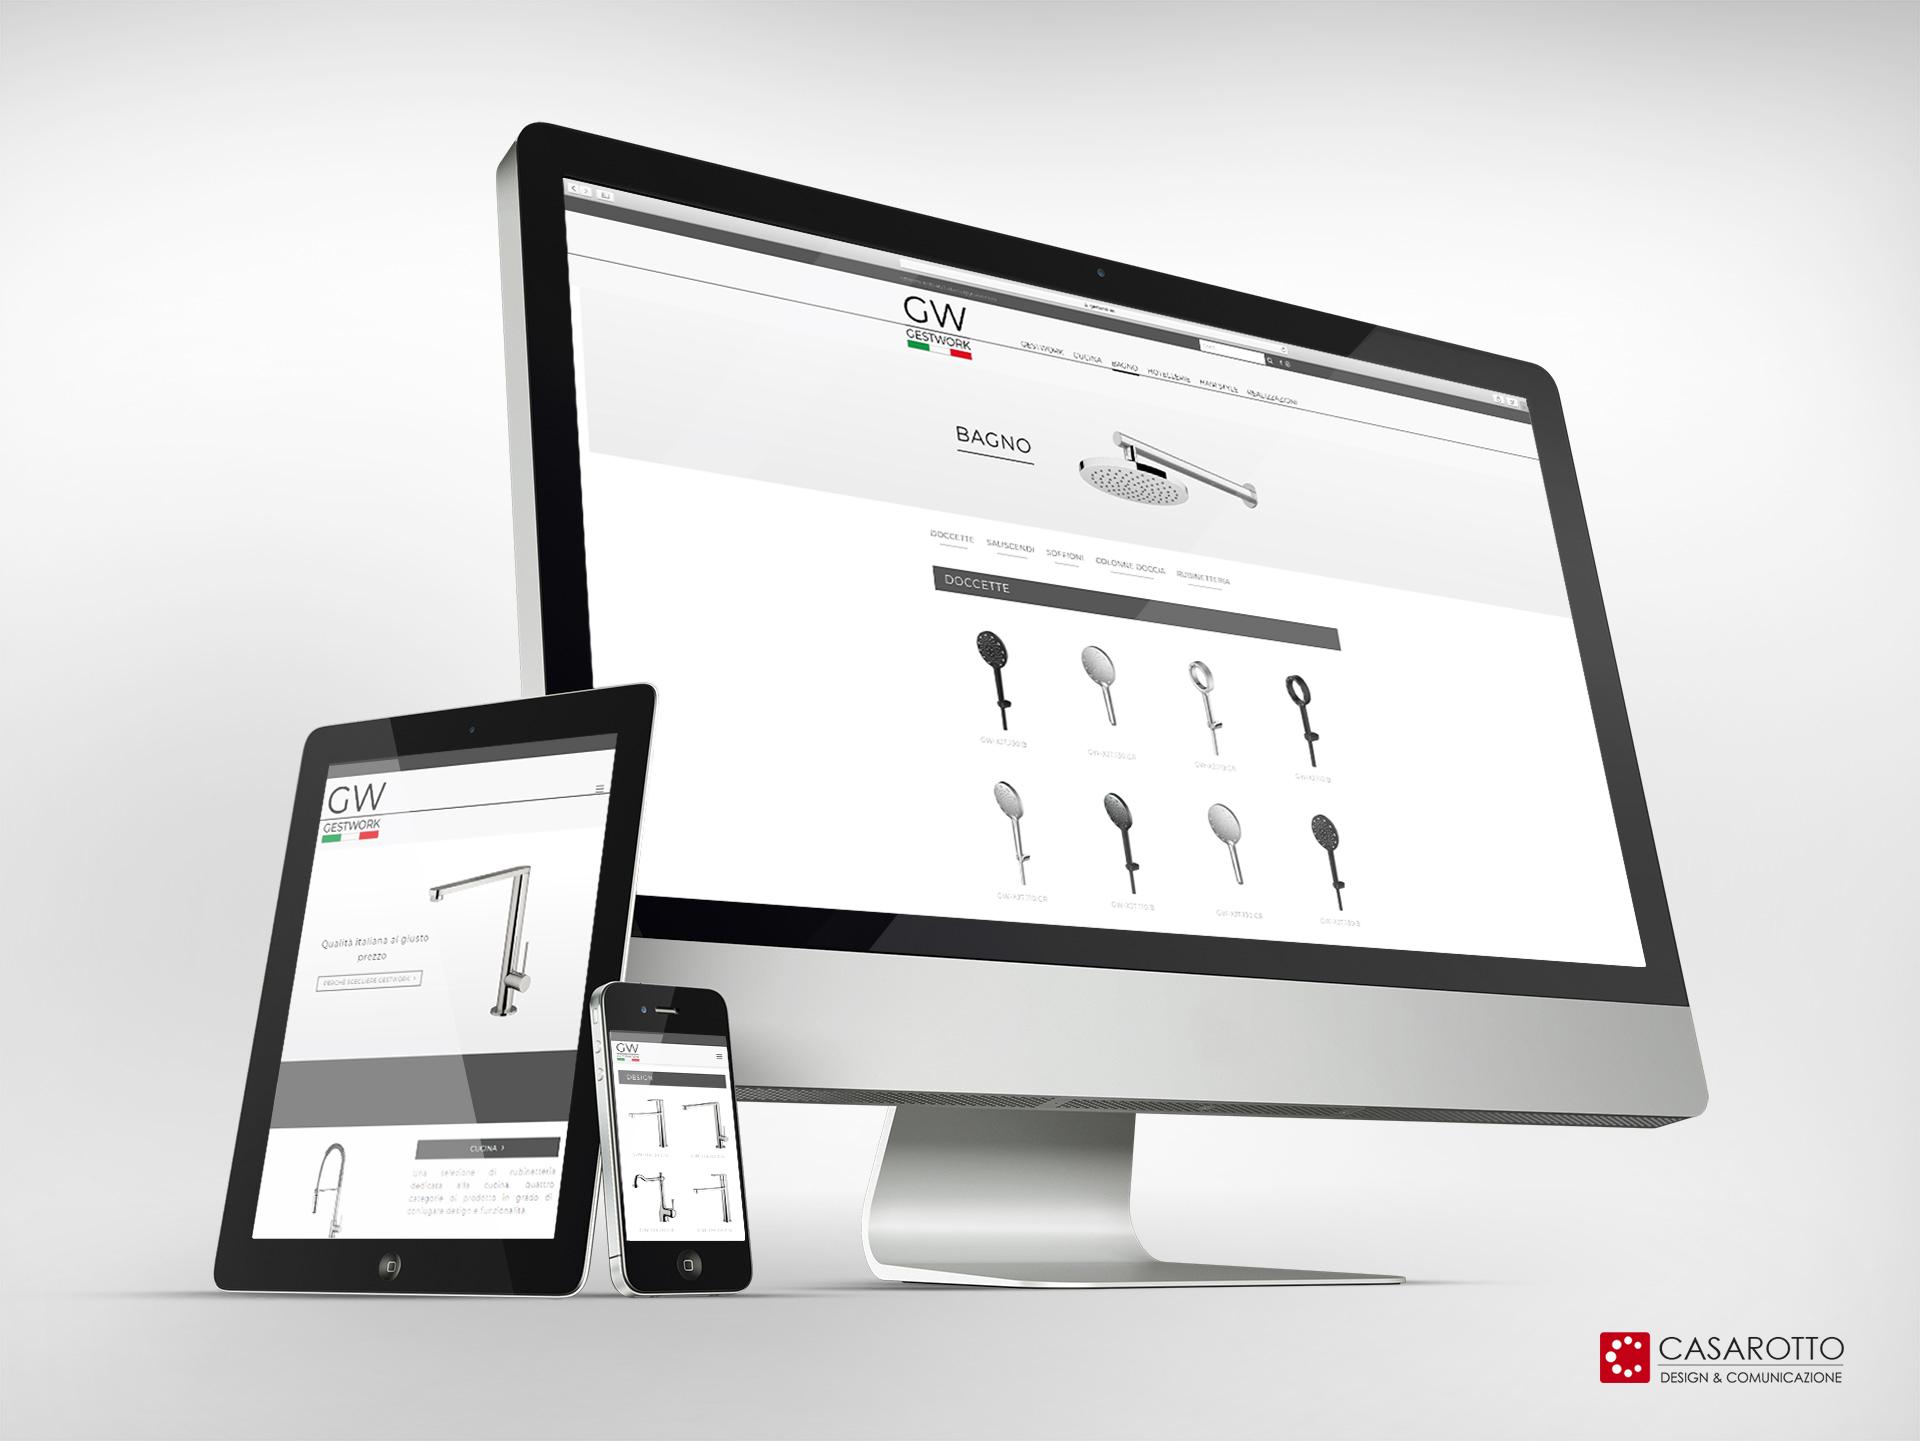 casarotto design comunicazione agenzia castiglione stiviere mantova social network realizzazione siti web design